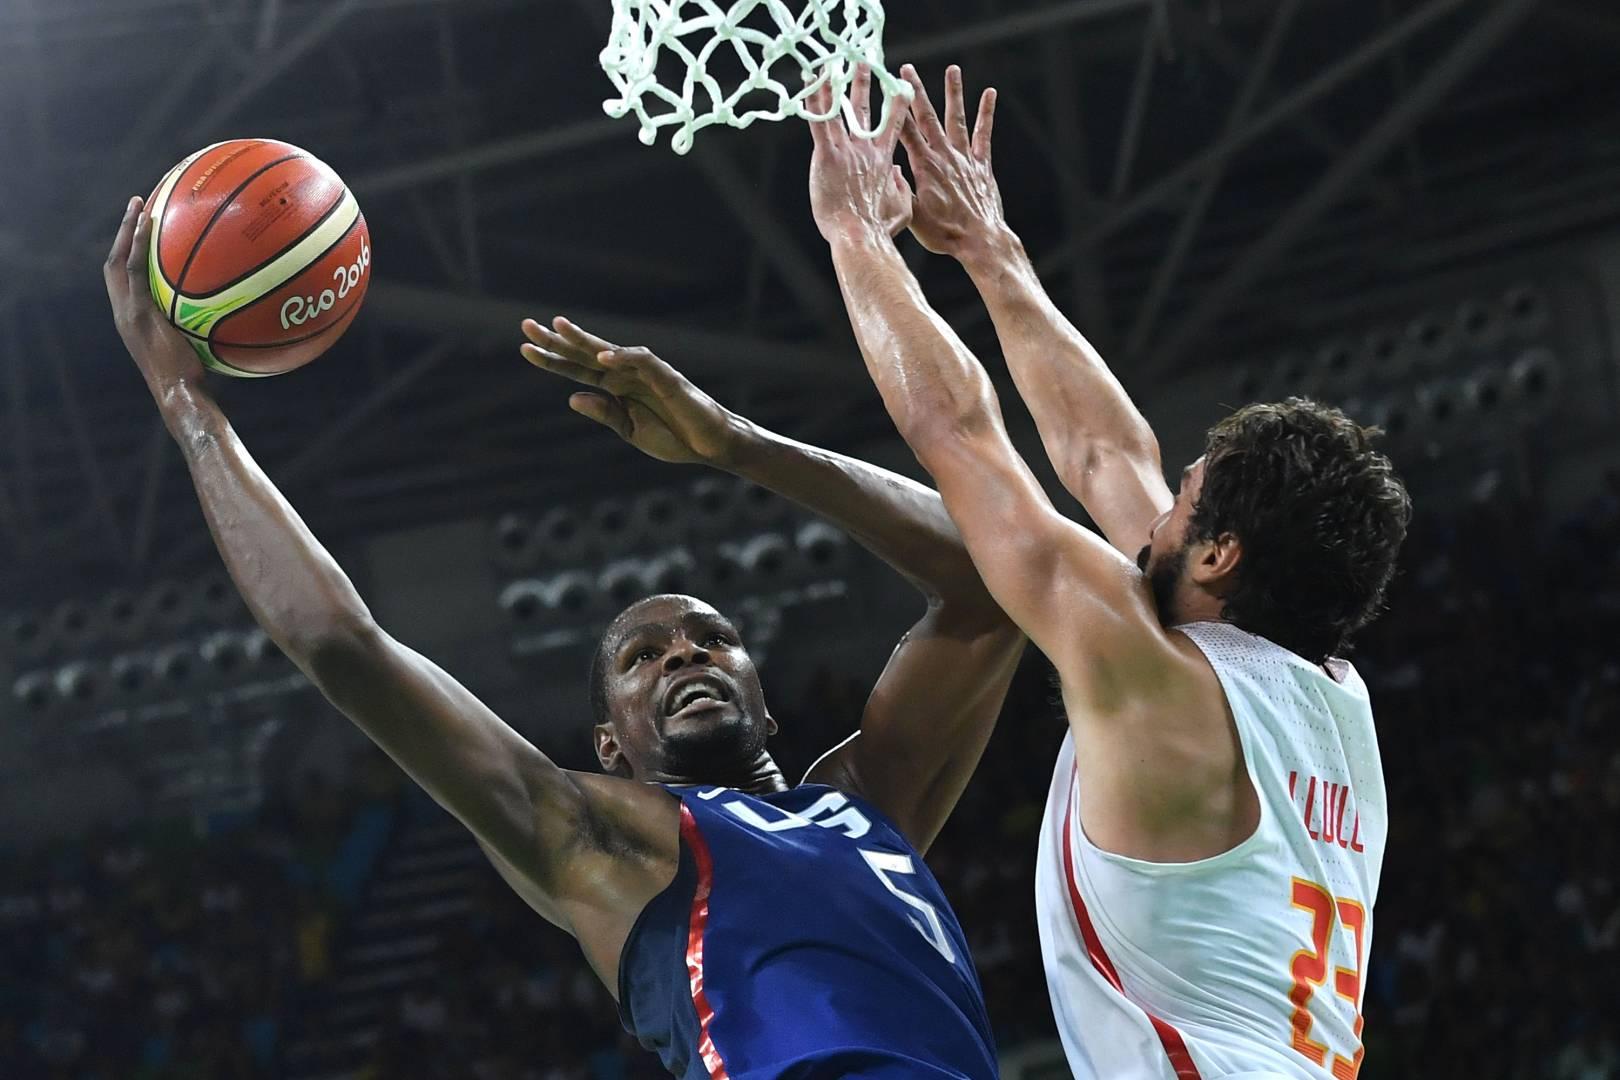 Rio 2016 Basketball 019